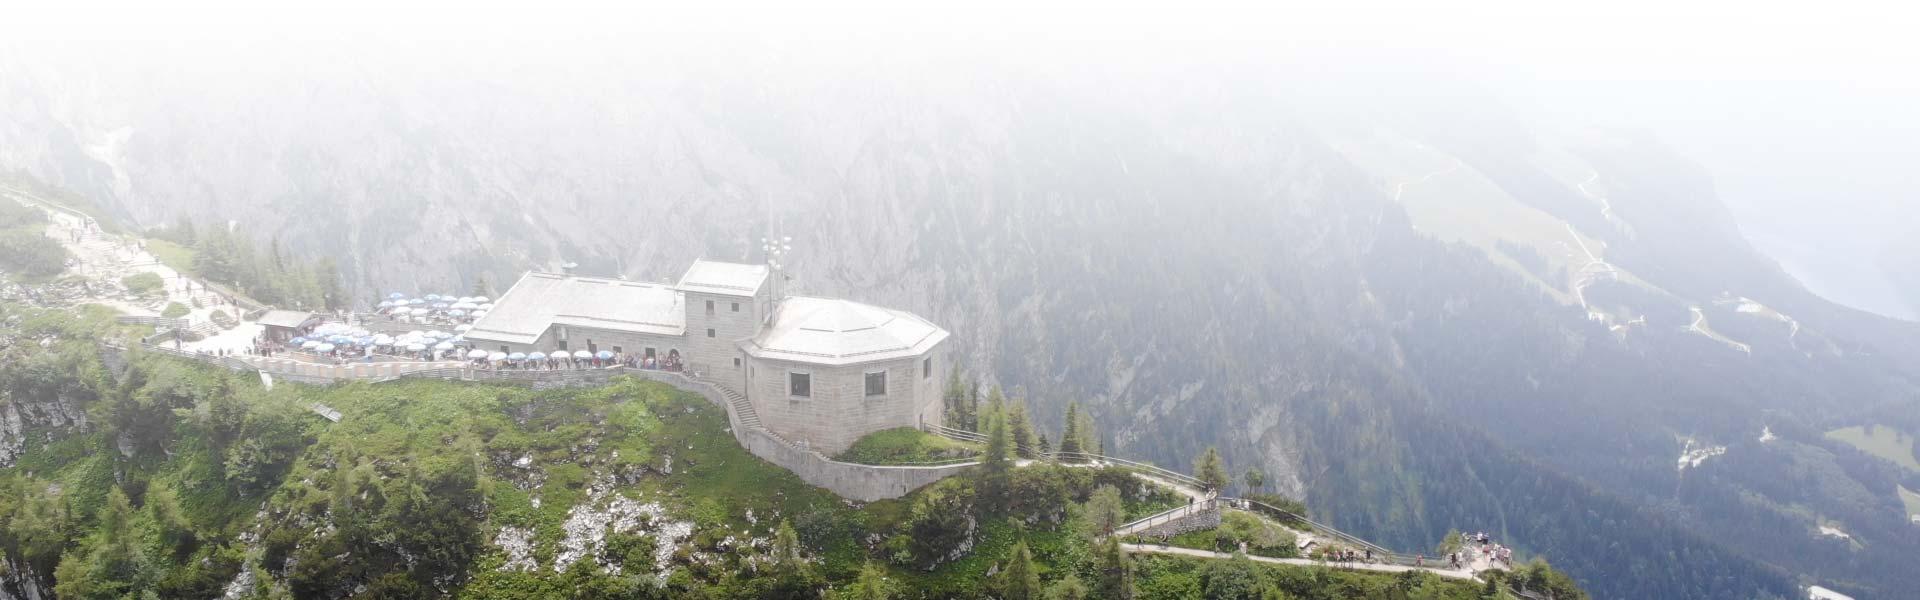 Luftaufnahmen und Luftbilder mit Drohnen - das Kehlsteinhaus in Berchtesgaden aus der Luft